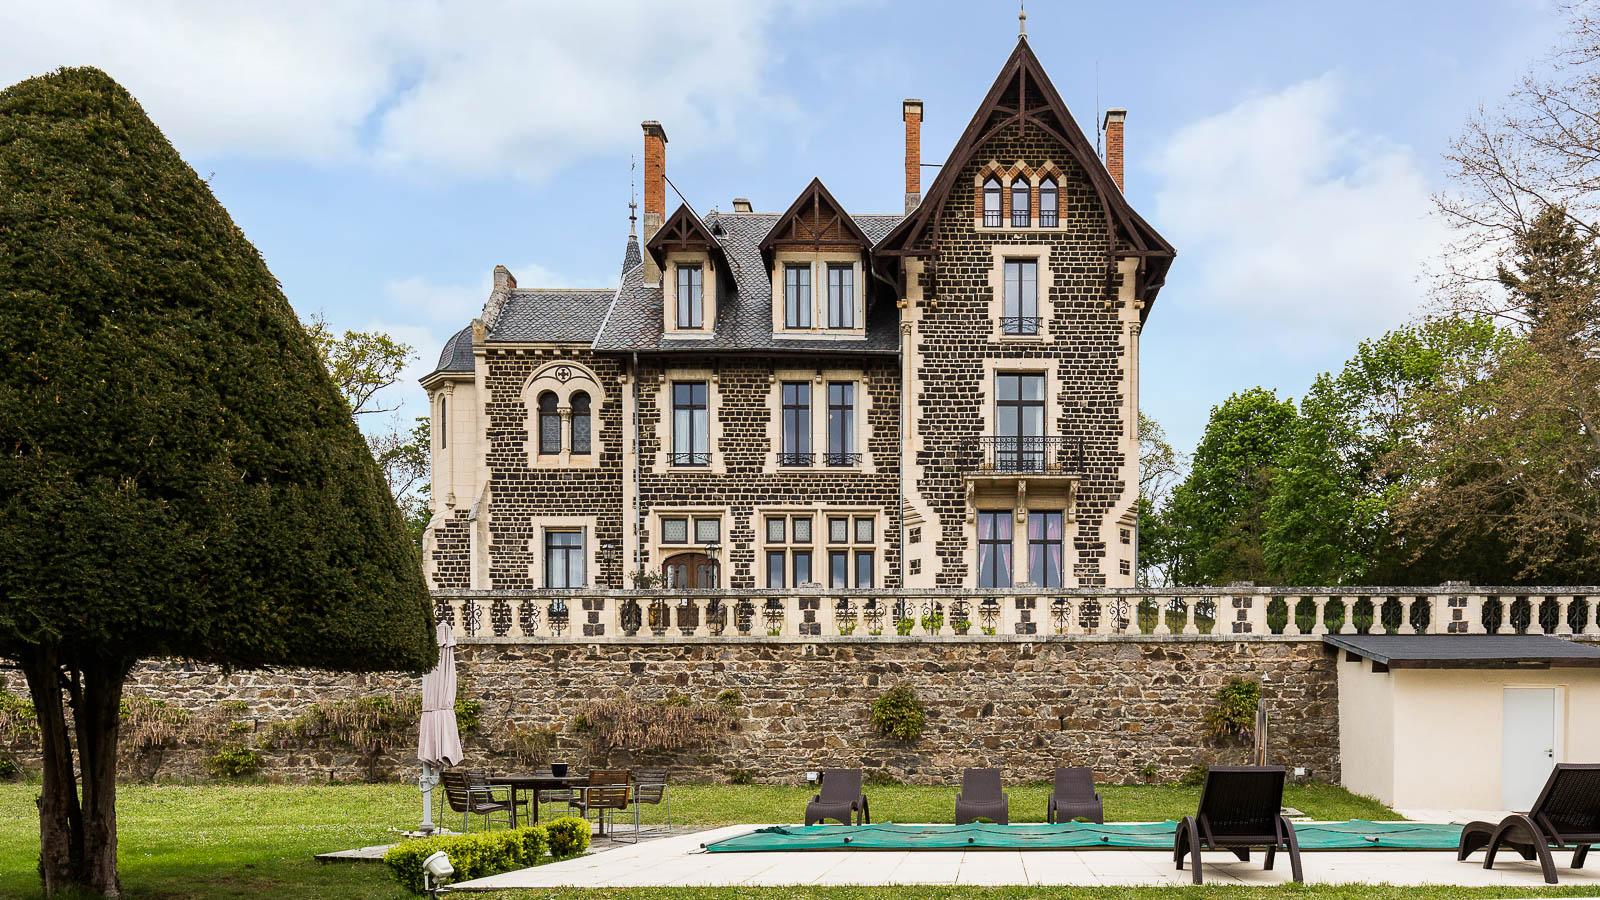 Immobilier - ©Yohan Boniface Photographe - Mariage Portraits Immobilier Entreprises Clermont Ferrand Auvergne France (10).jpg